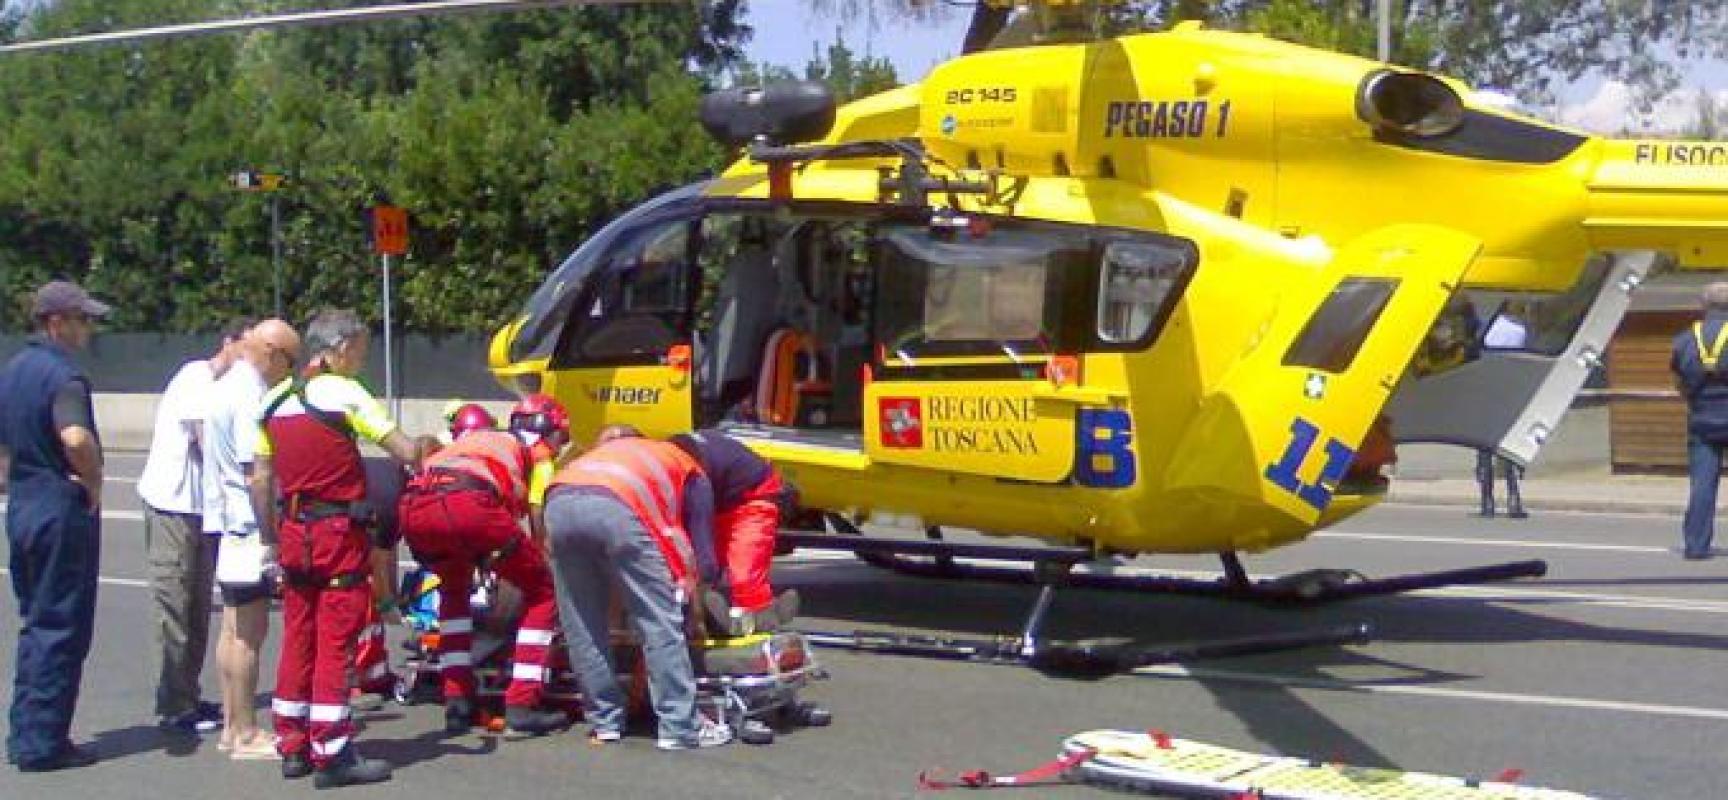 Incidente sul lavoro questa mattina in Darsena a  viareggio., trasportato con pegaso a cisanello